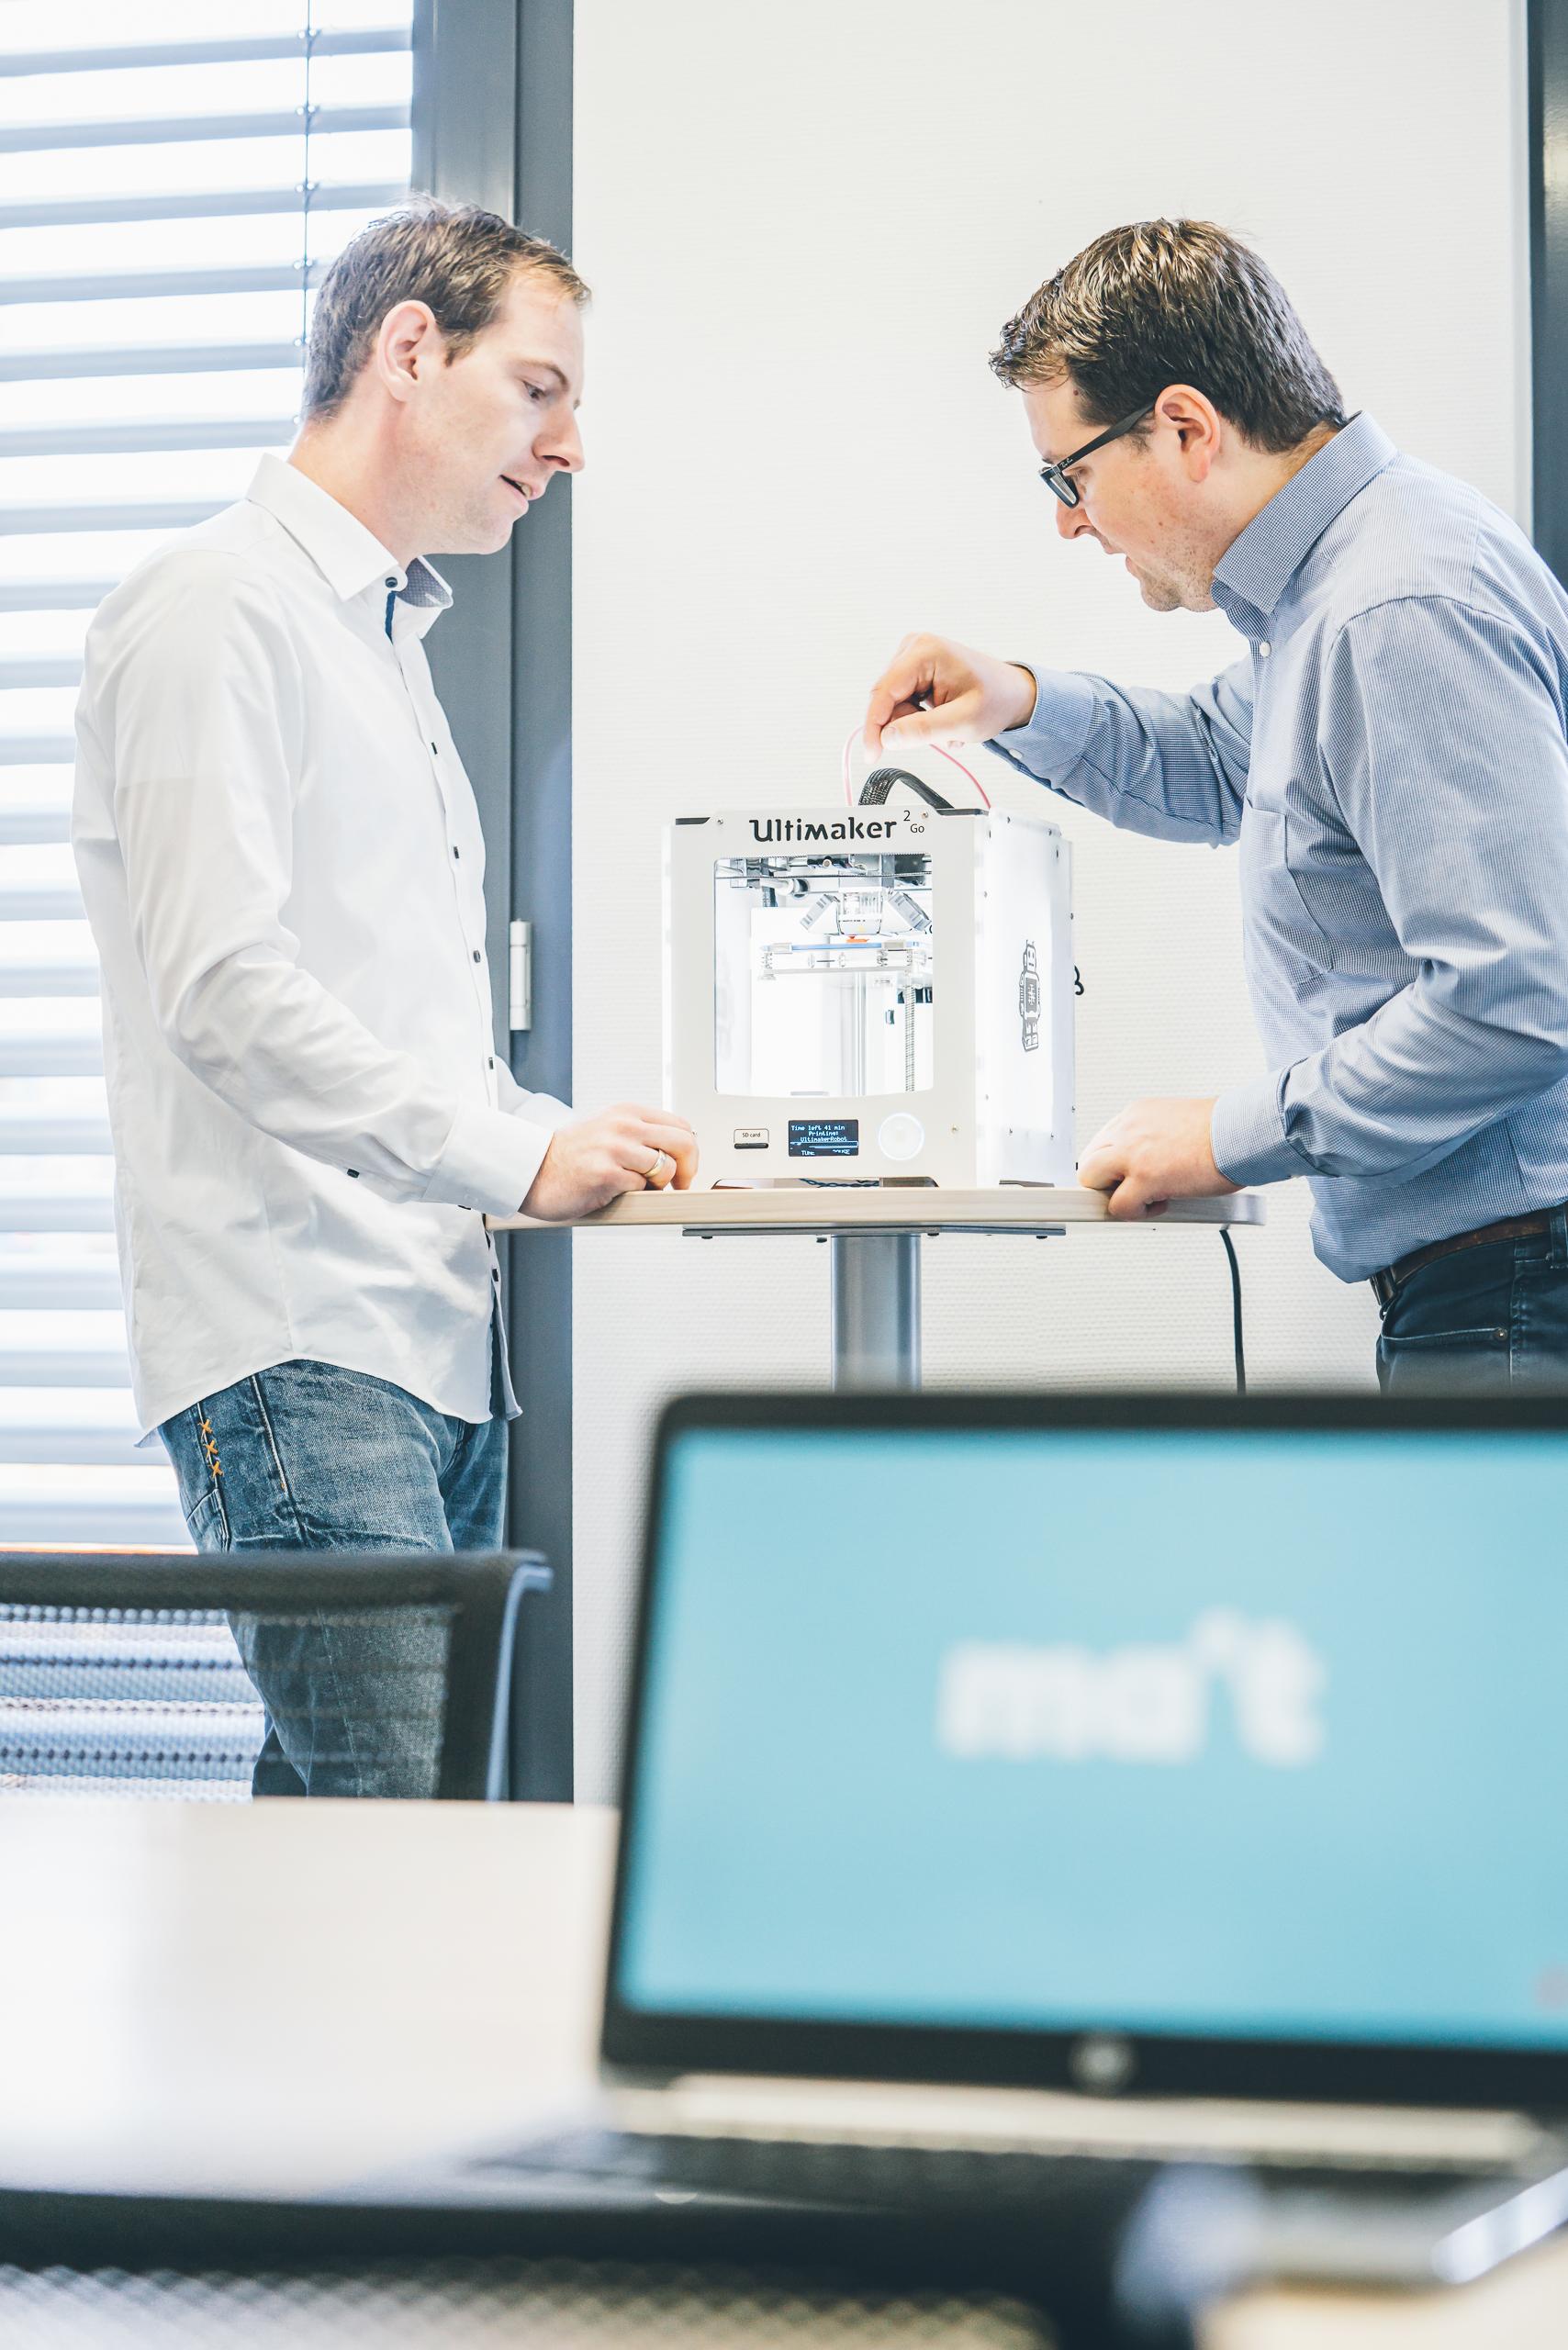 Zwei Männer im Büro schauen sich eine kleine Maschine an